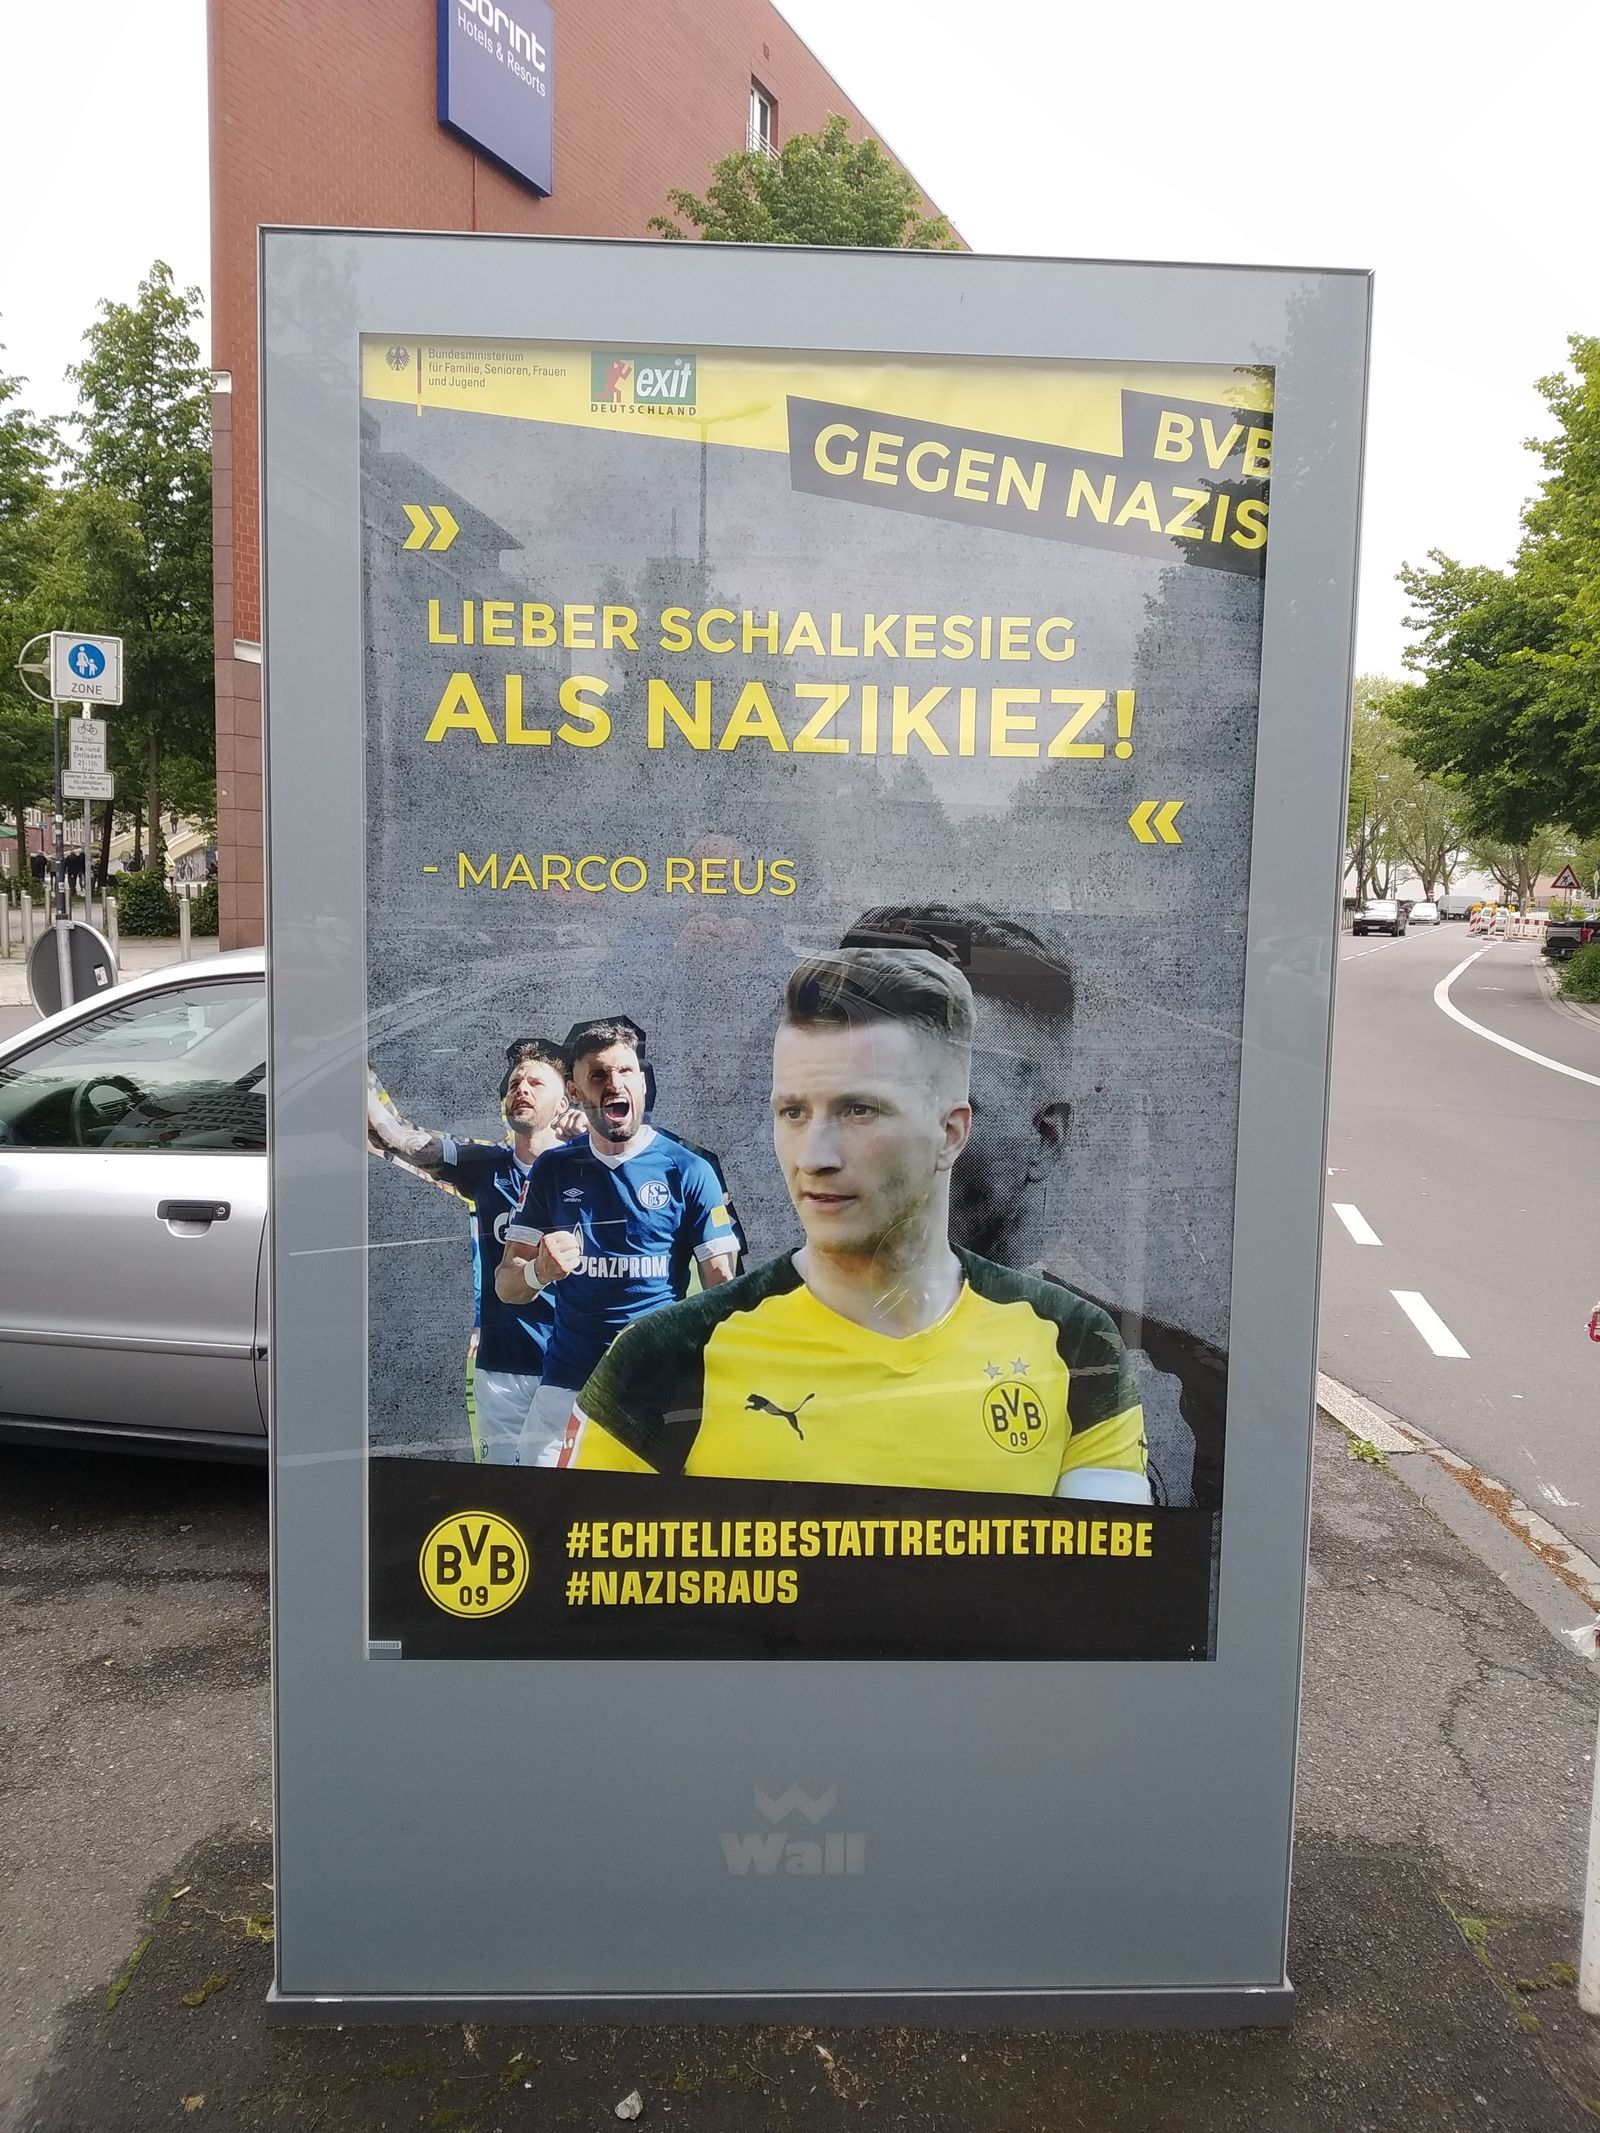 EINMALIGE VERWENDUNG Borussia Dortmund/ Plakate/ BVB gegen Nazis